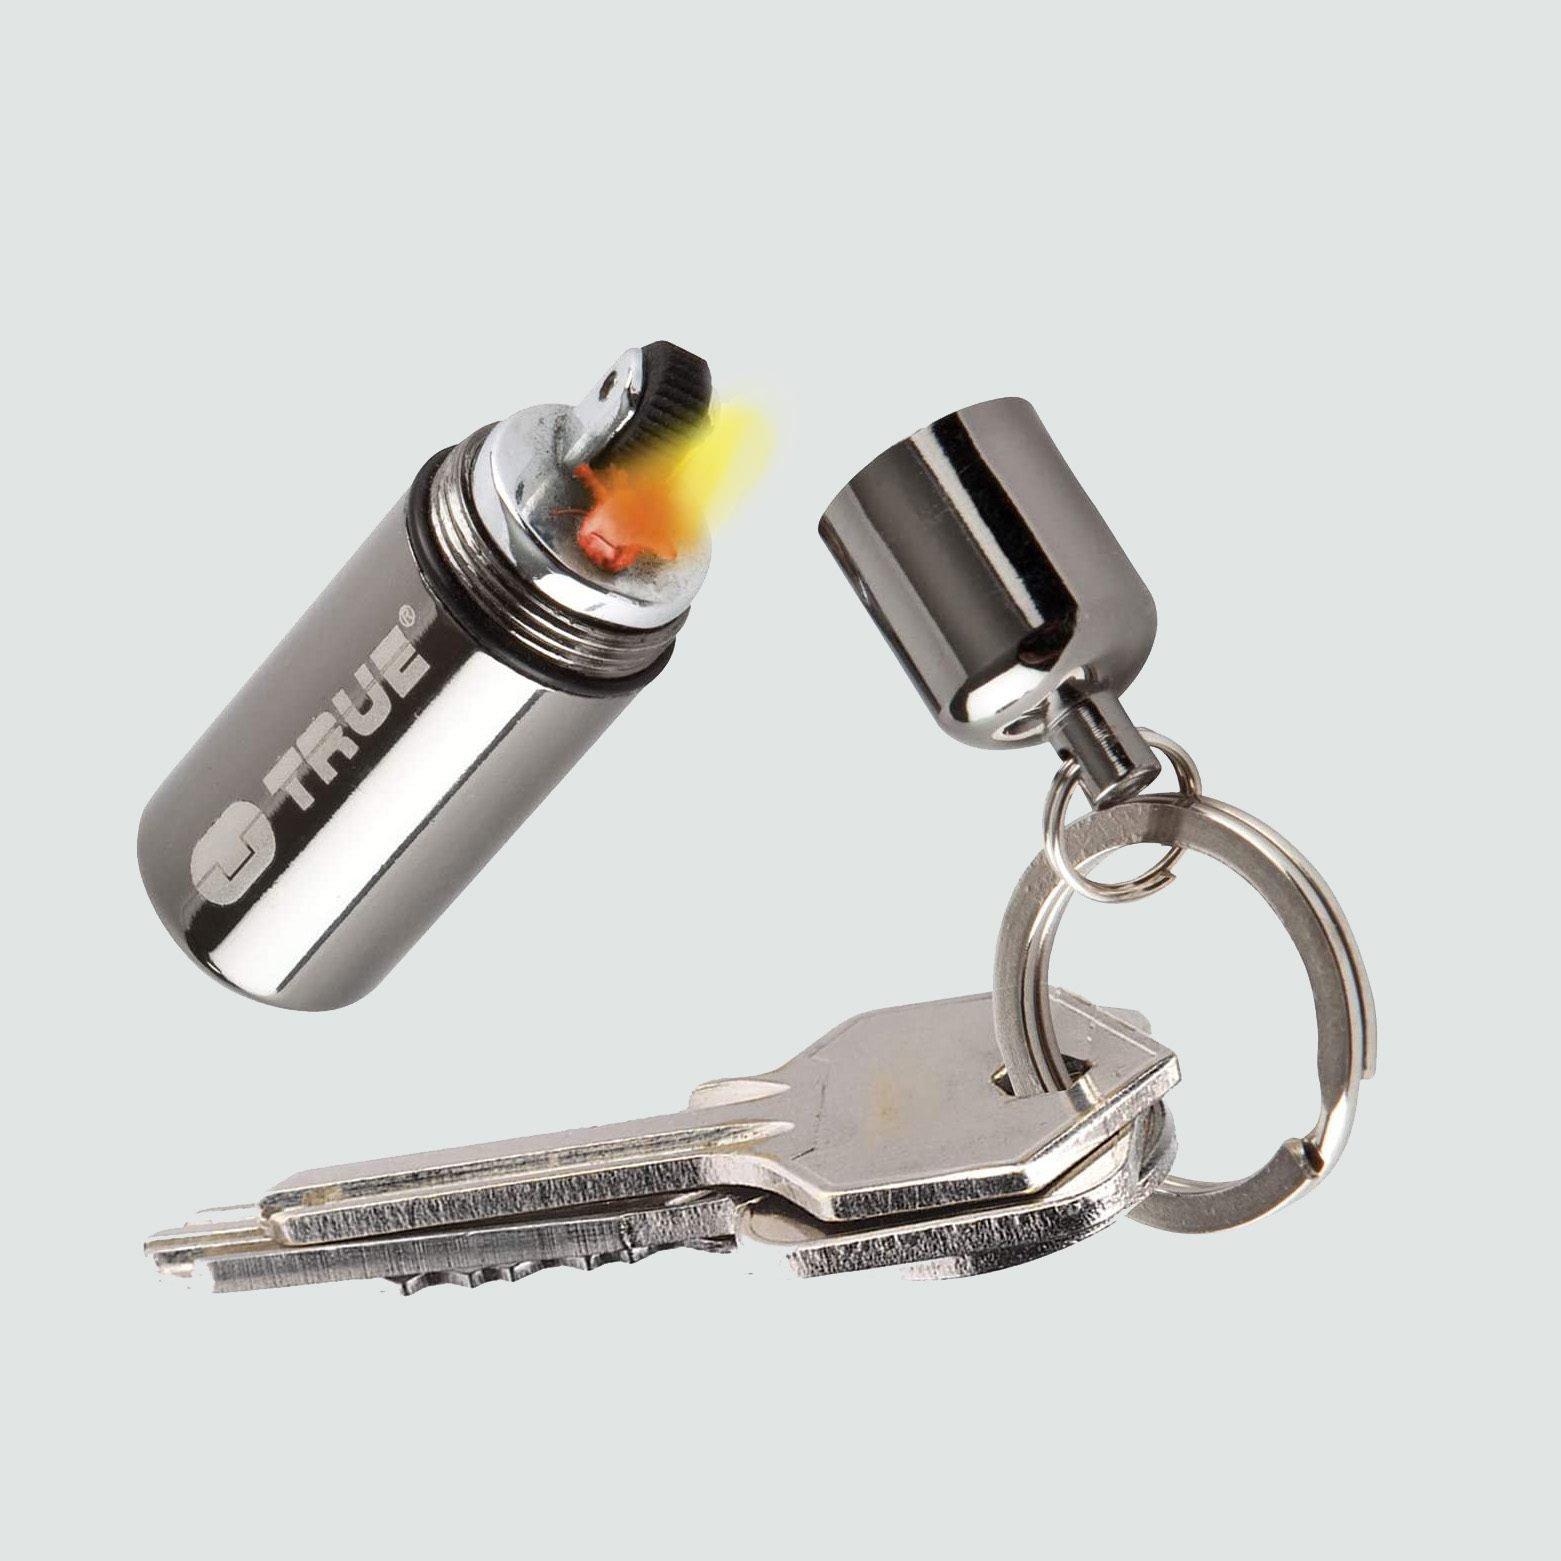 True Utility FireStash Lighter Multitool